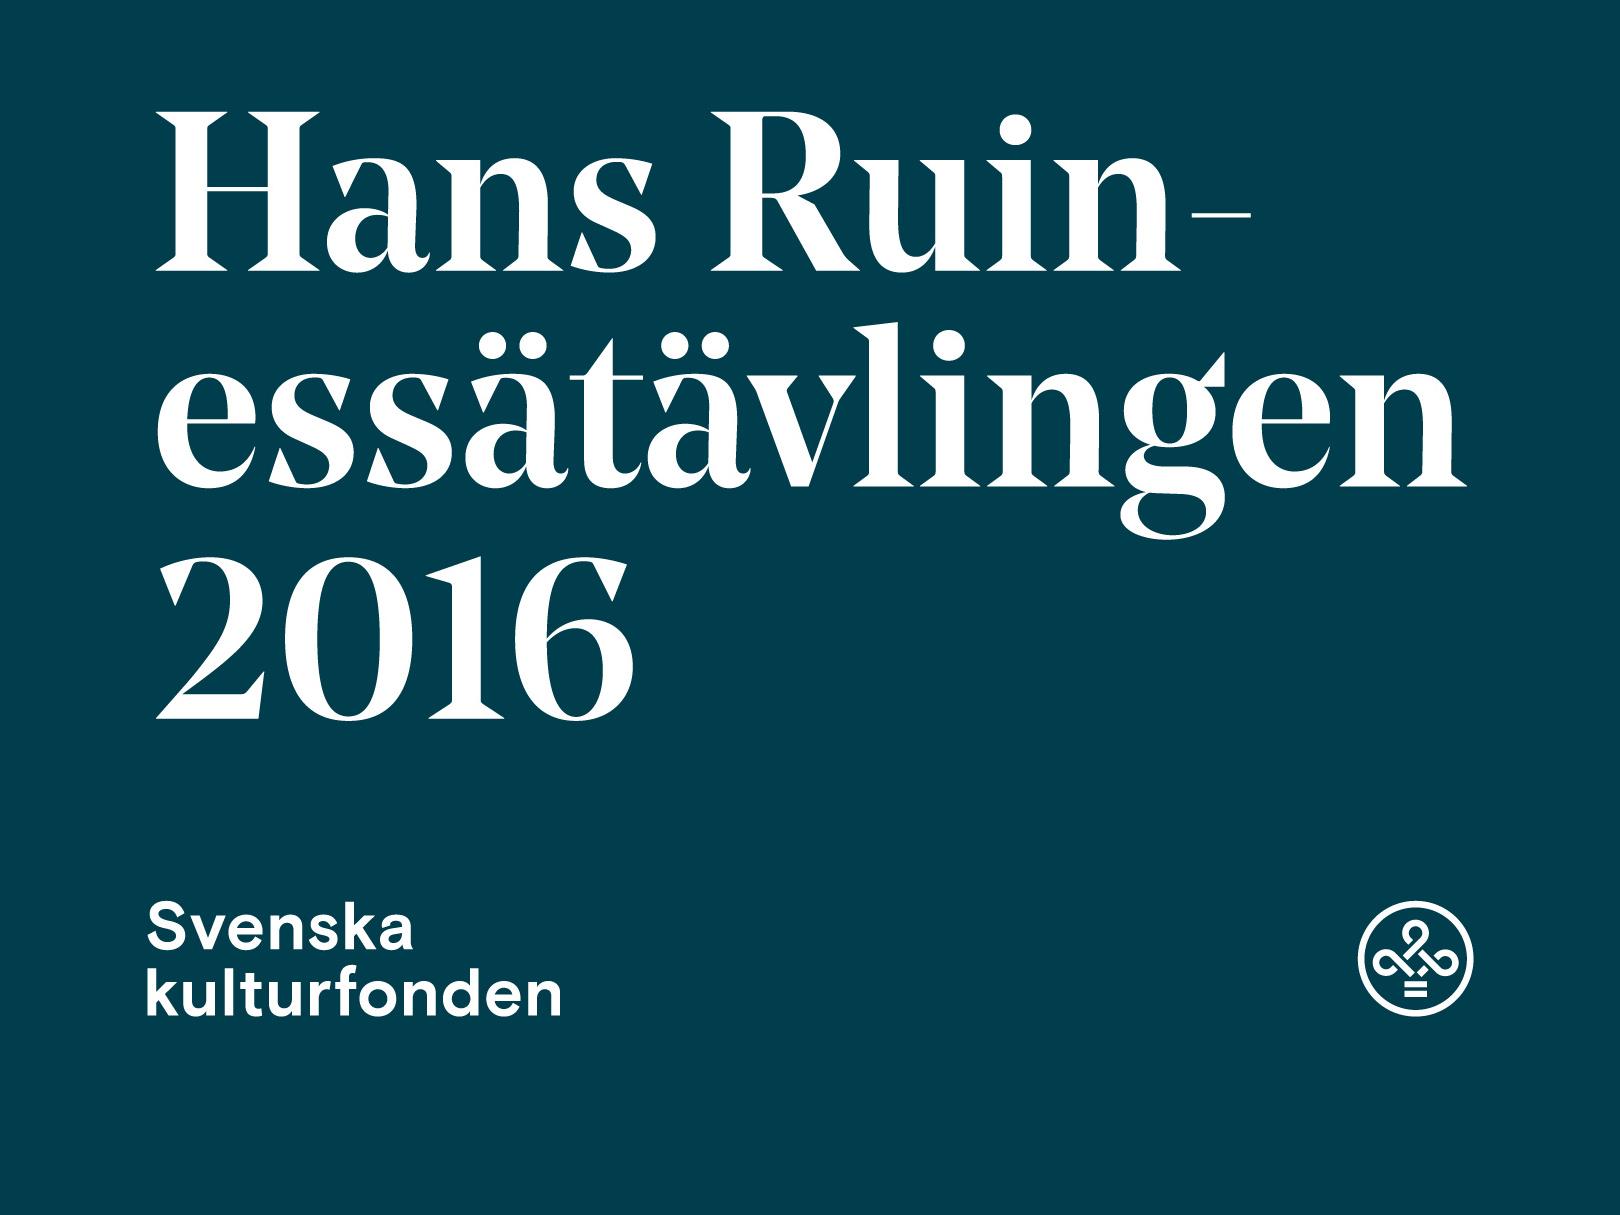 Hans Ruin-essätävlingen 2016